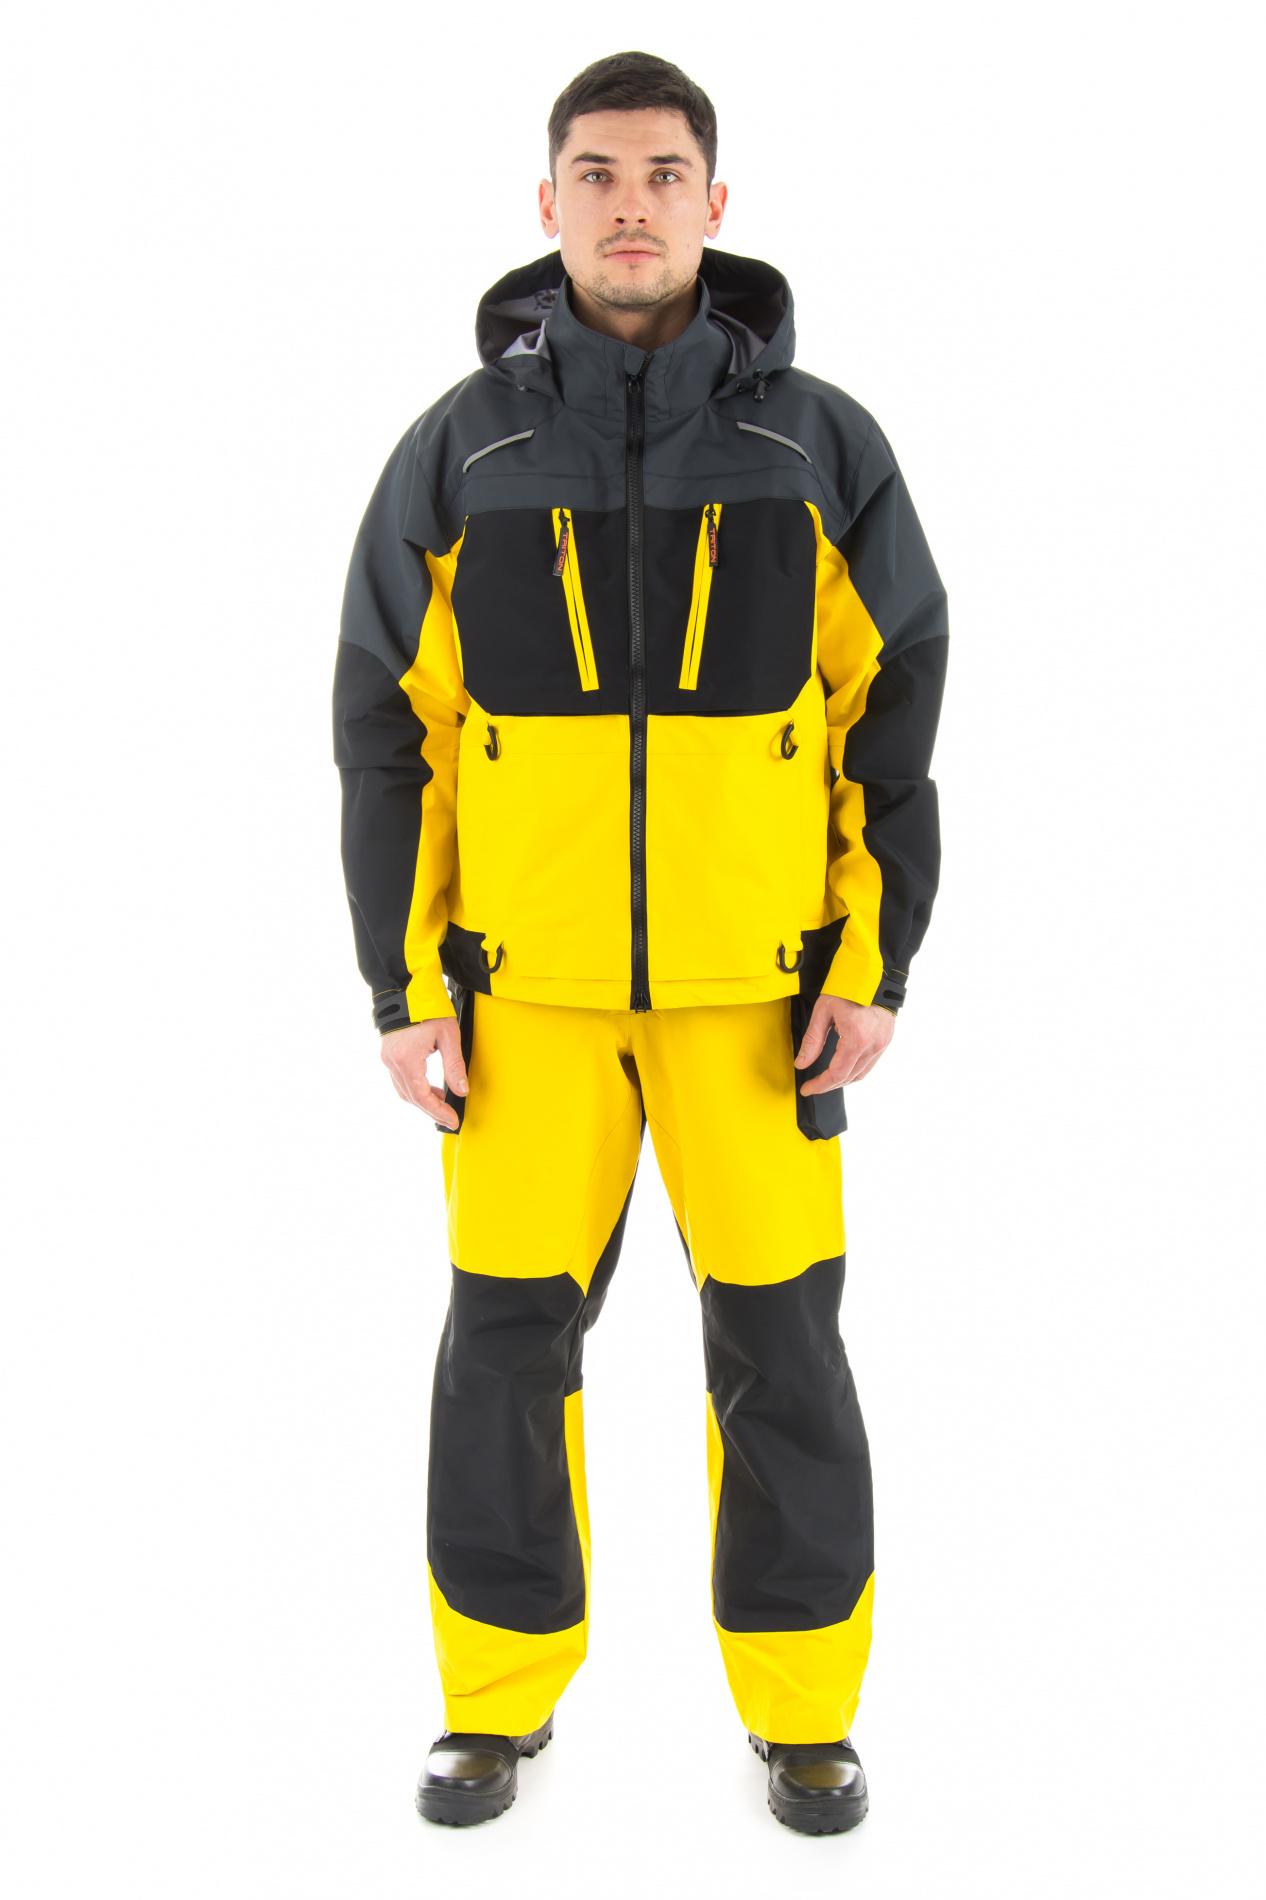 Костюм Extreme (Таслан/Желтый, серый, черный) Костюмы неутепленные<br>Костюм Extreme состоит из куртки и полукомбинезона, <br>разработан для рыбалки в летний период. <br>Удобный костюм не стесняющий движения, <br>изготовленный из качественного материала <br>с комбинированными по цветам тканями. Куртка: <br>1) Объемная укороченная куртка; 2) Анотомический <br>крой; 3) Наличие светоотражающих элементов; <br>4) 4 кармана на молнии; 5) Двойная регулировка <br>объема капюшона; 6) Имеется центральная <br>застёжкой-молния с внутренней защитной <br>планкой; 7) Проклееные швы; 8) Капюшон укладывается <br>в воротник; 9) Низ рукавов с хлястиками на <br>контактной ленте; 10) Низ куртки с эластичным <br>шнуром и фиксаторами. Полукомбинезон: 1) <br>Проклееные швы; 2) Анатомический крой; 3) <br>Наличие светоотражающих элементов; 4) 6 карманов: <br>4 кармана на молнии, 2 нижних накладных кармана <br>увеличивающиеся в объеме; 5) Низ брюк с хлястиками <br>на контактной ленте; 6) По боковому шву от <br>середины бедра молния с защитной планкой <br>до низа; 7) Полукомбинезон на эластичных <br>помочах с фастексами и пряжками. Куртка: <br>1. Центральная дух замковая молния; 2. 4 кармана <br>с тесьмой молния; 3. Капюшон регулируется <br>по объему; 4. Объем низа рукава негулируется <br>патой с контактной лентой.<br><br>Пол: мужской<br>Размер: 60-62<br>Рост: 170-176<br>Сезон: зима<br>Цвет: желтый